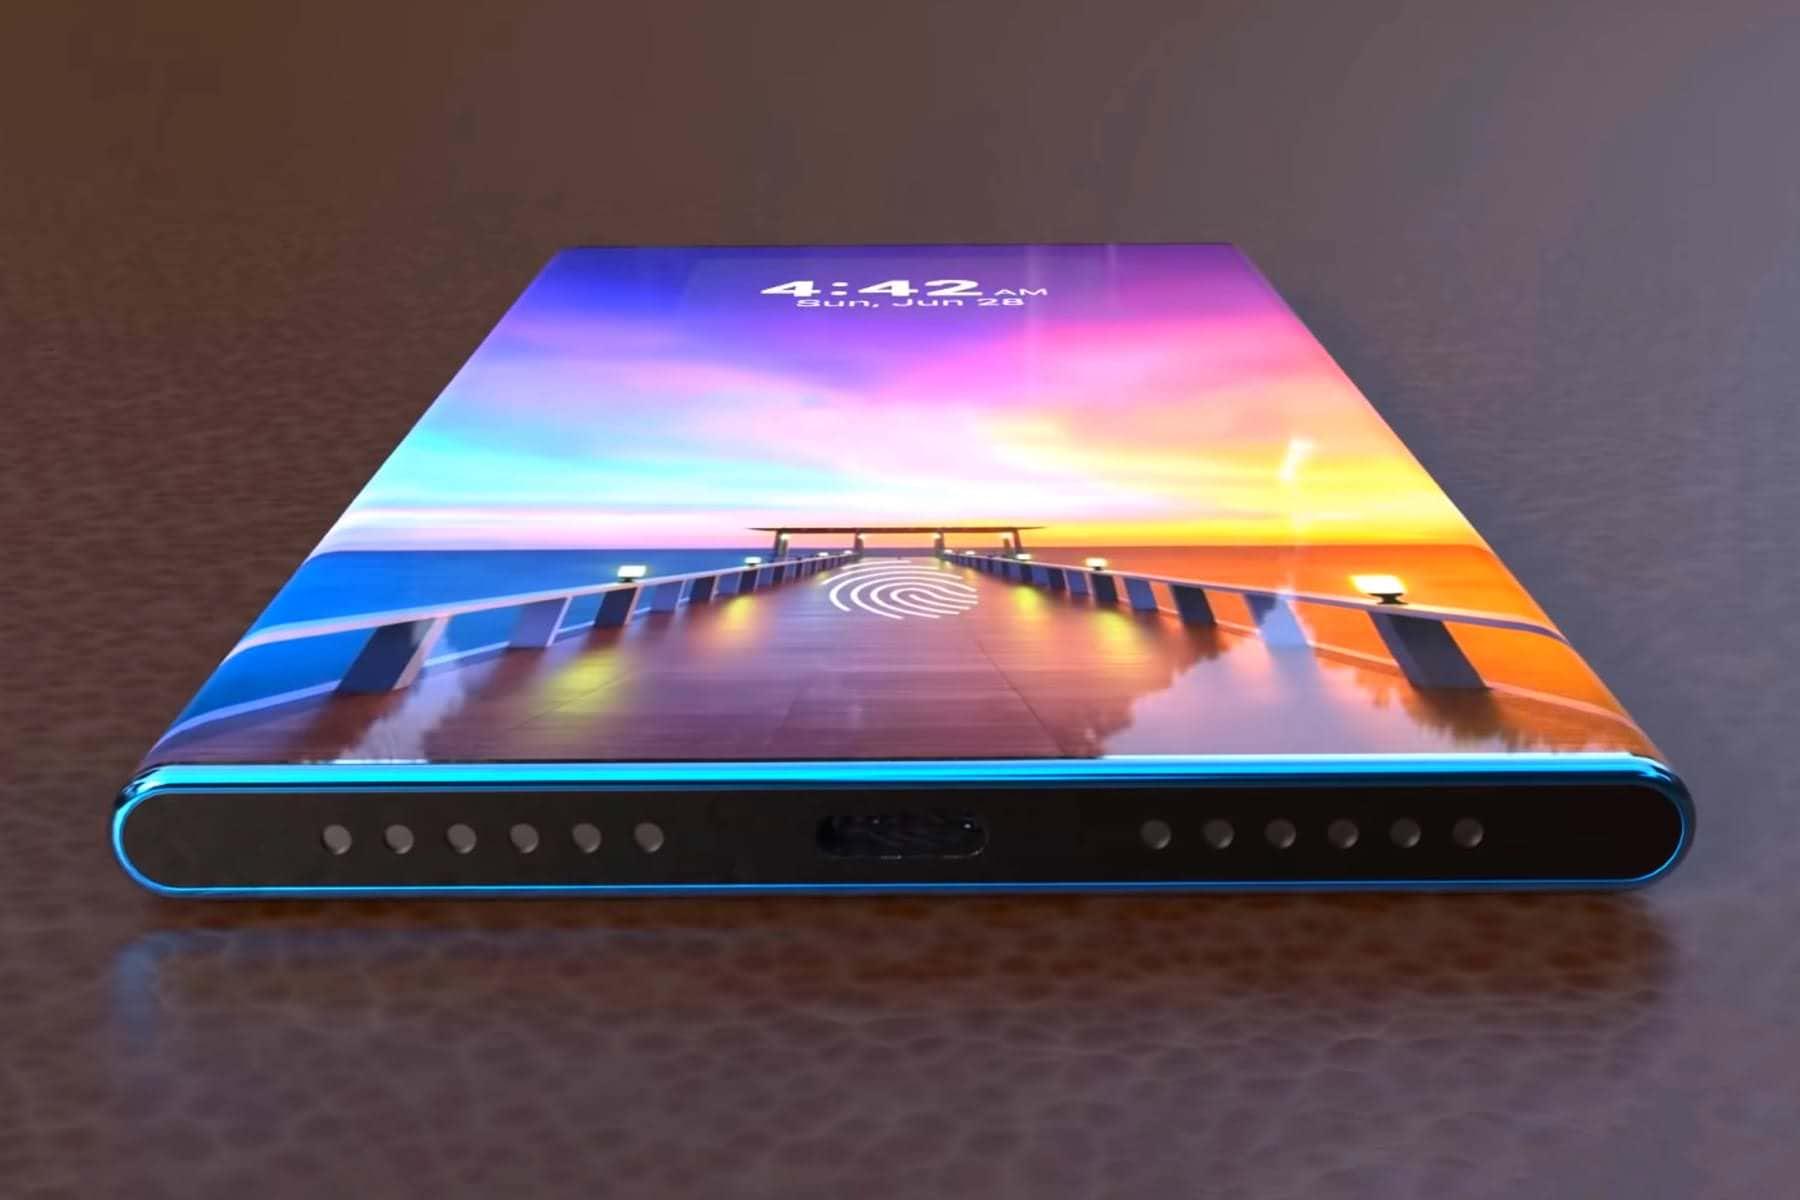 Прошло больше месяца с появления первых утечек информации о новом смартфоне Mi 10T Наконец-то компания Xiaomi решила объявить официальную дату презентации телефонов